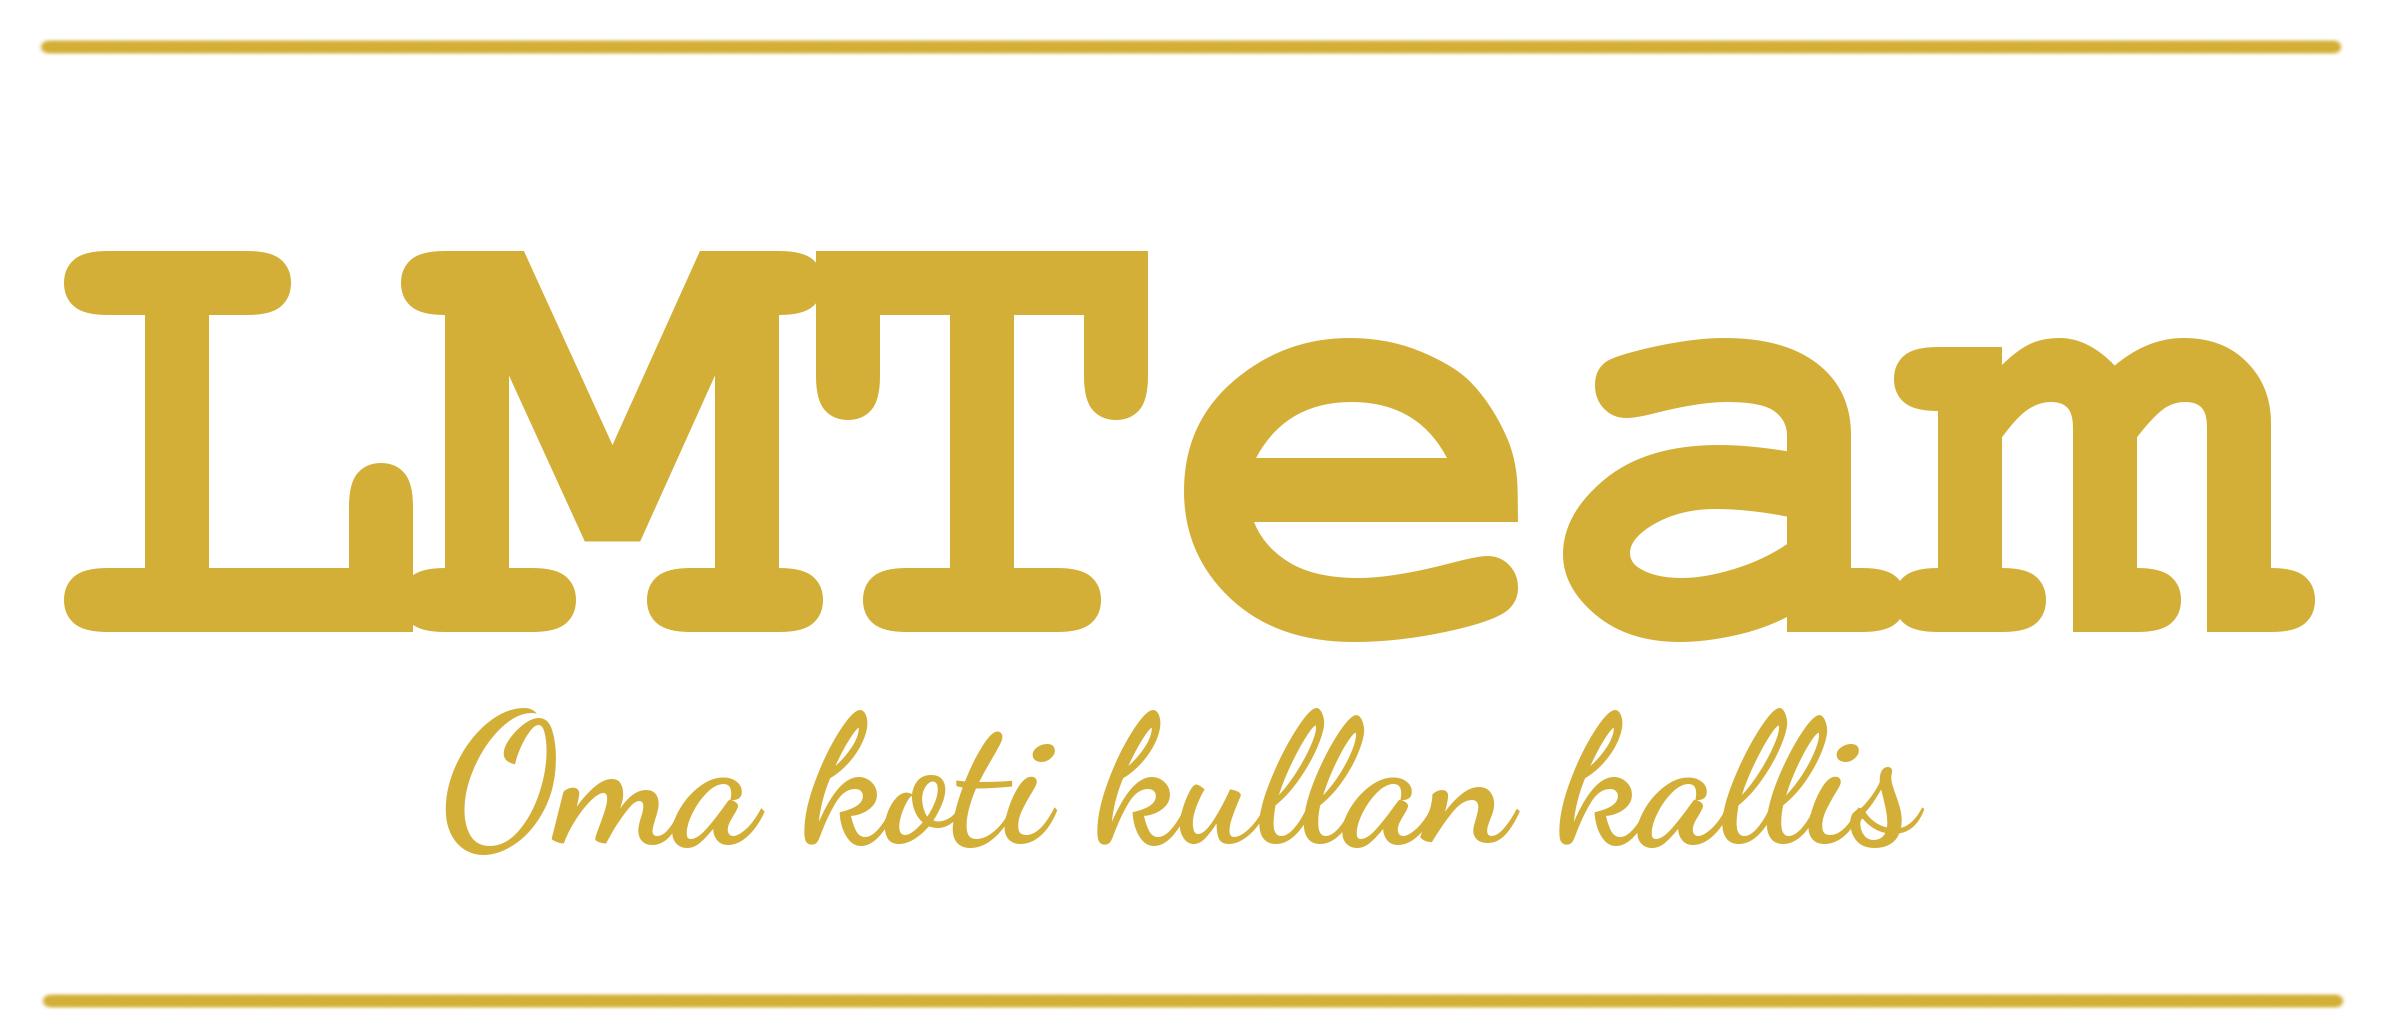 LMTeam